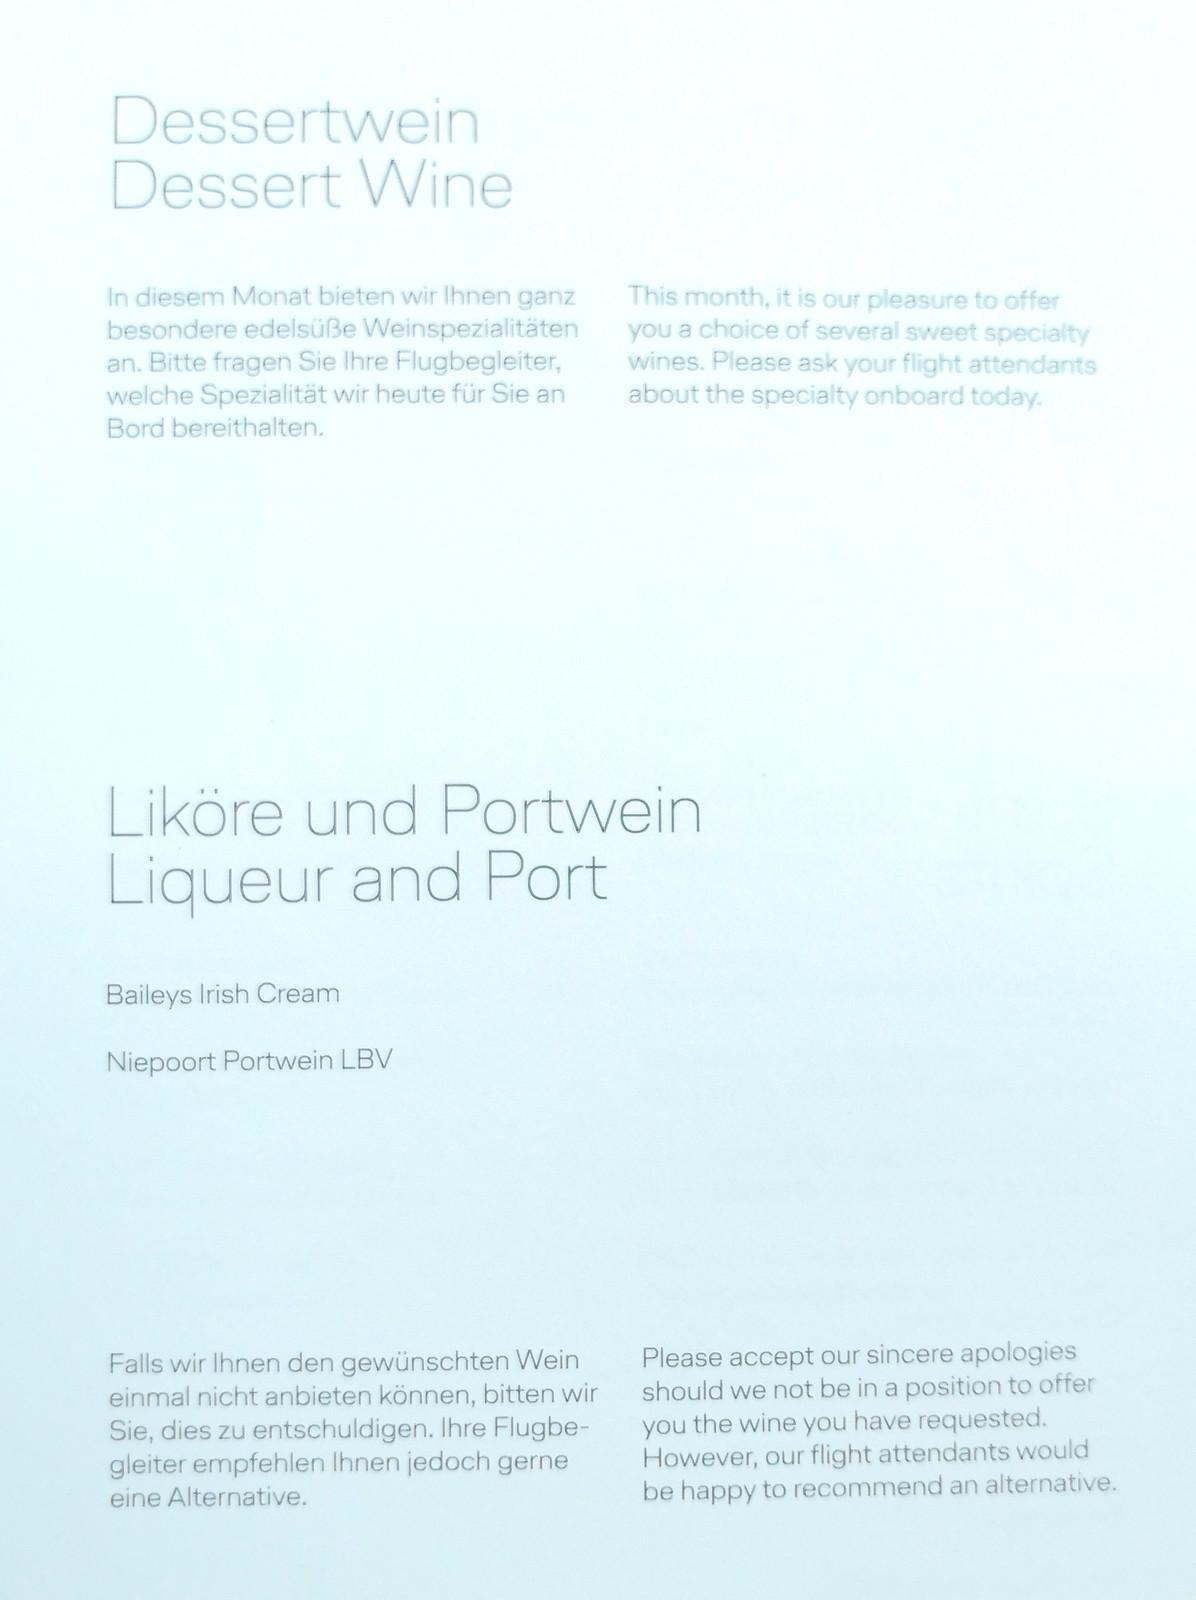 Dessert wine and port